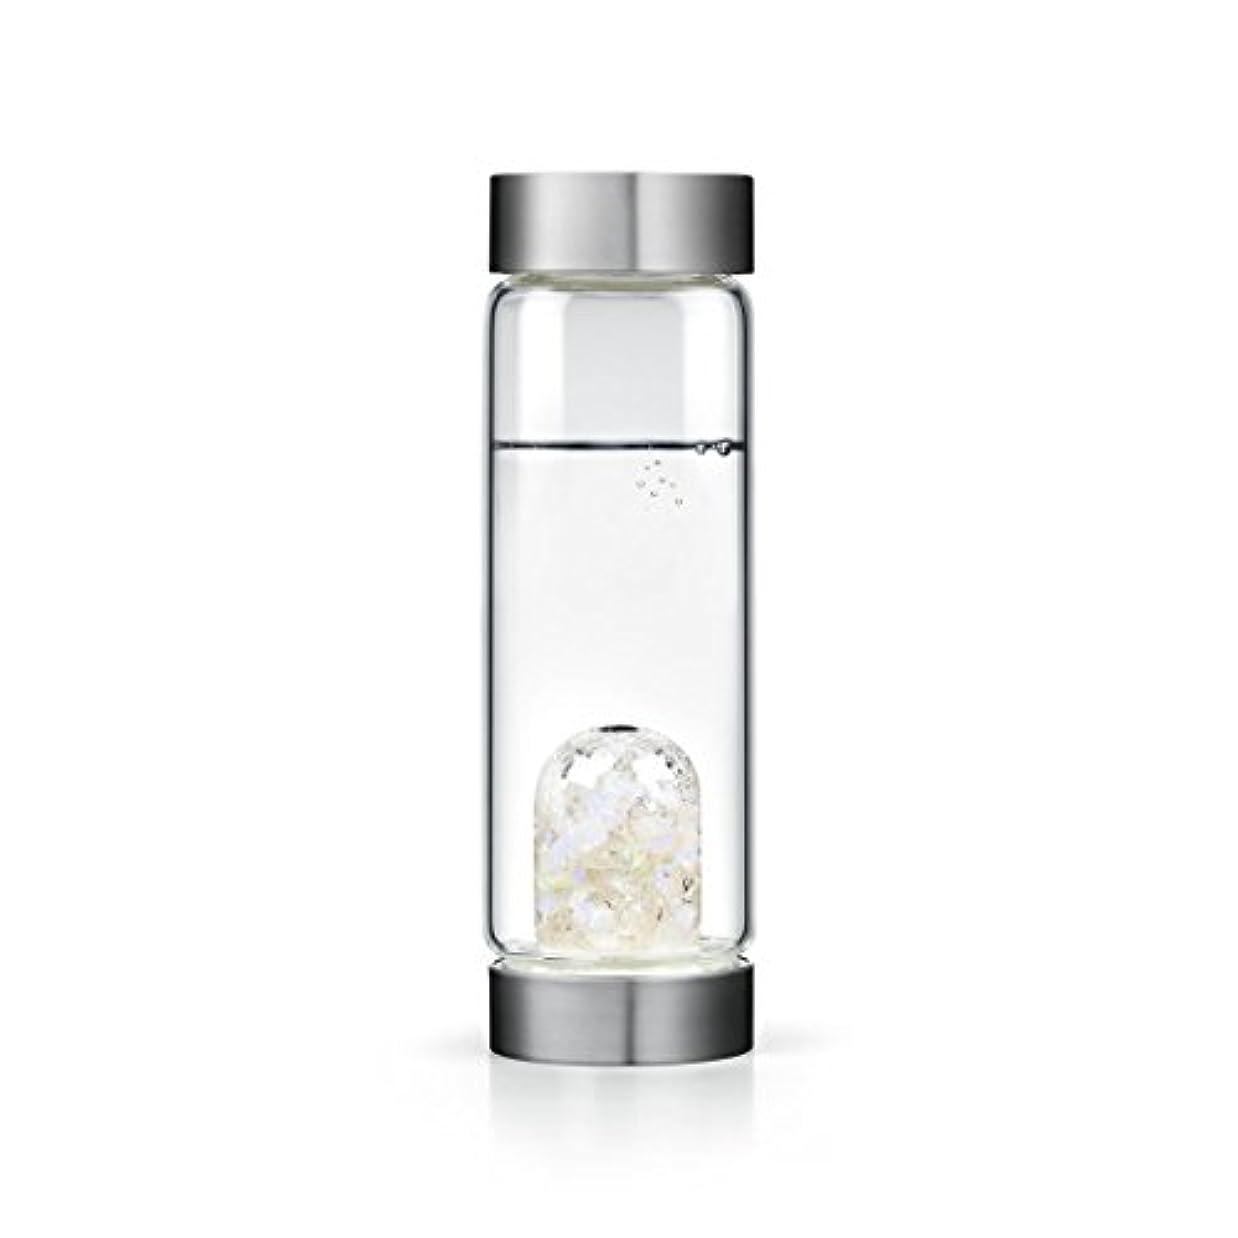 対立正当な全体にLuna gem-waterボトルby VitaJuwel W / Freeカリフォルニアホワイトセージバンドル 16.9 fl oz